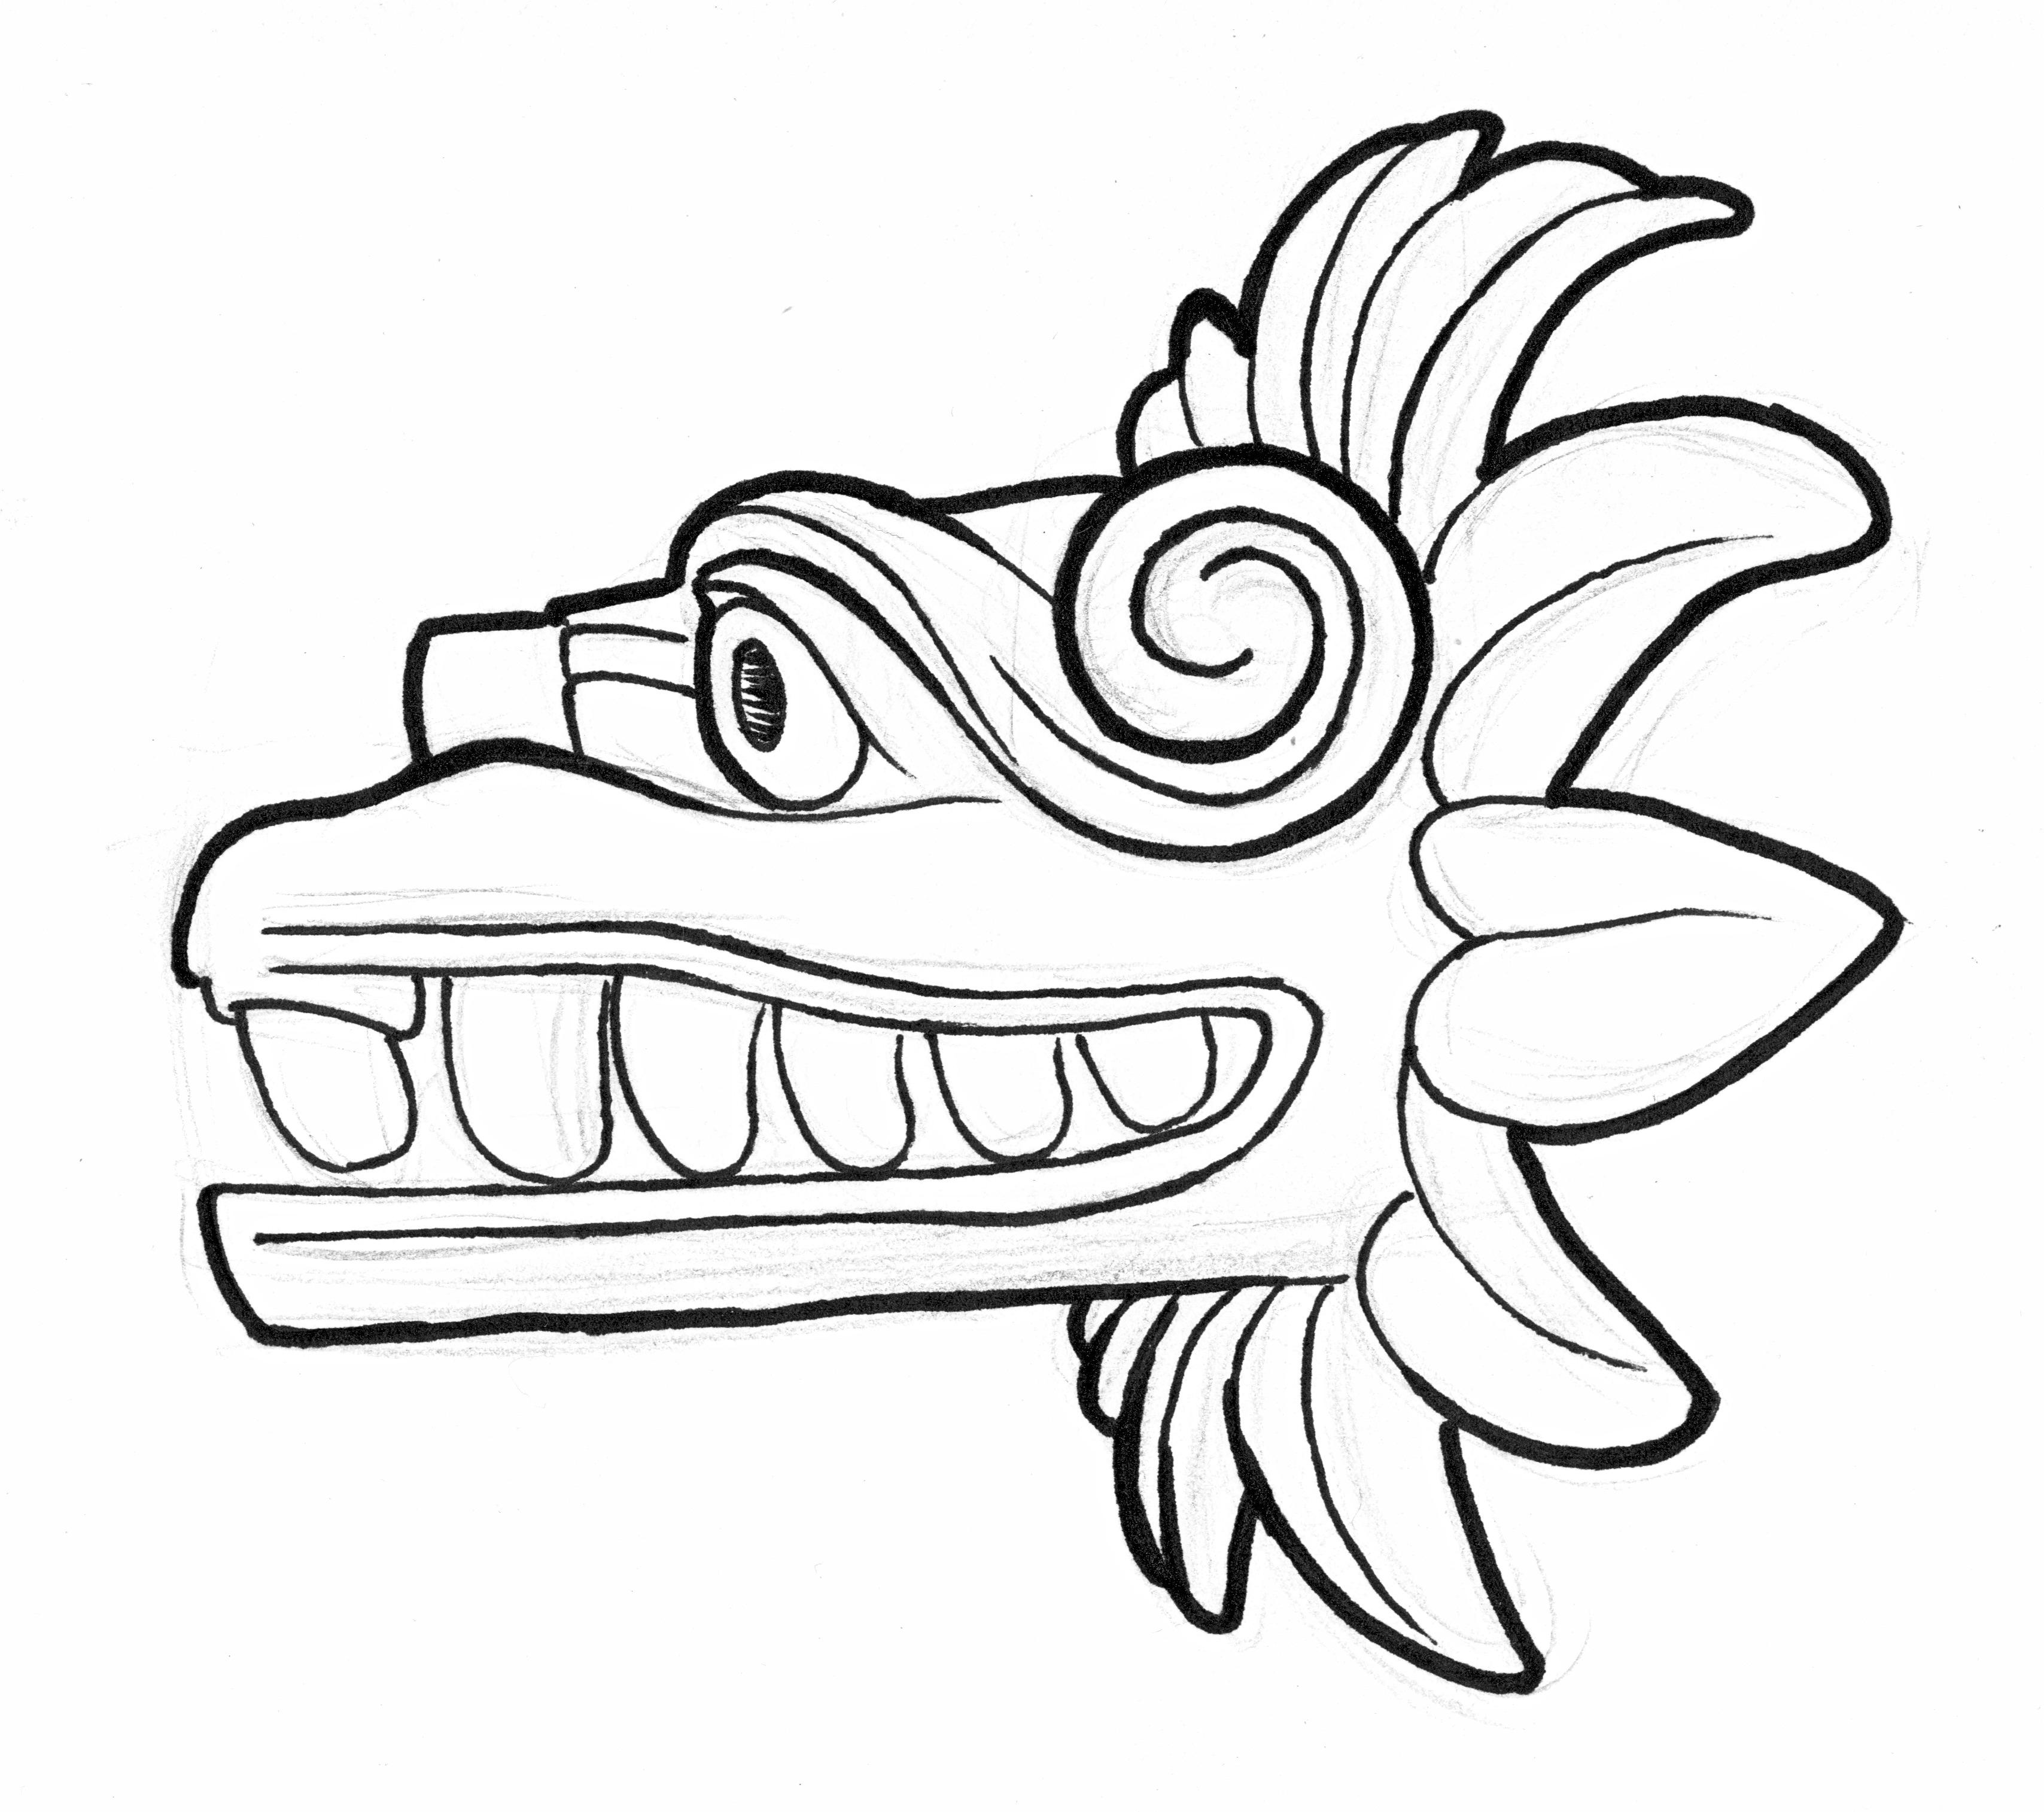 Aztec clipart drawing. Serpent at getdrawings com